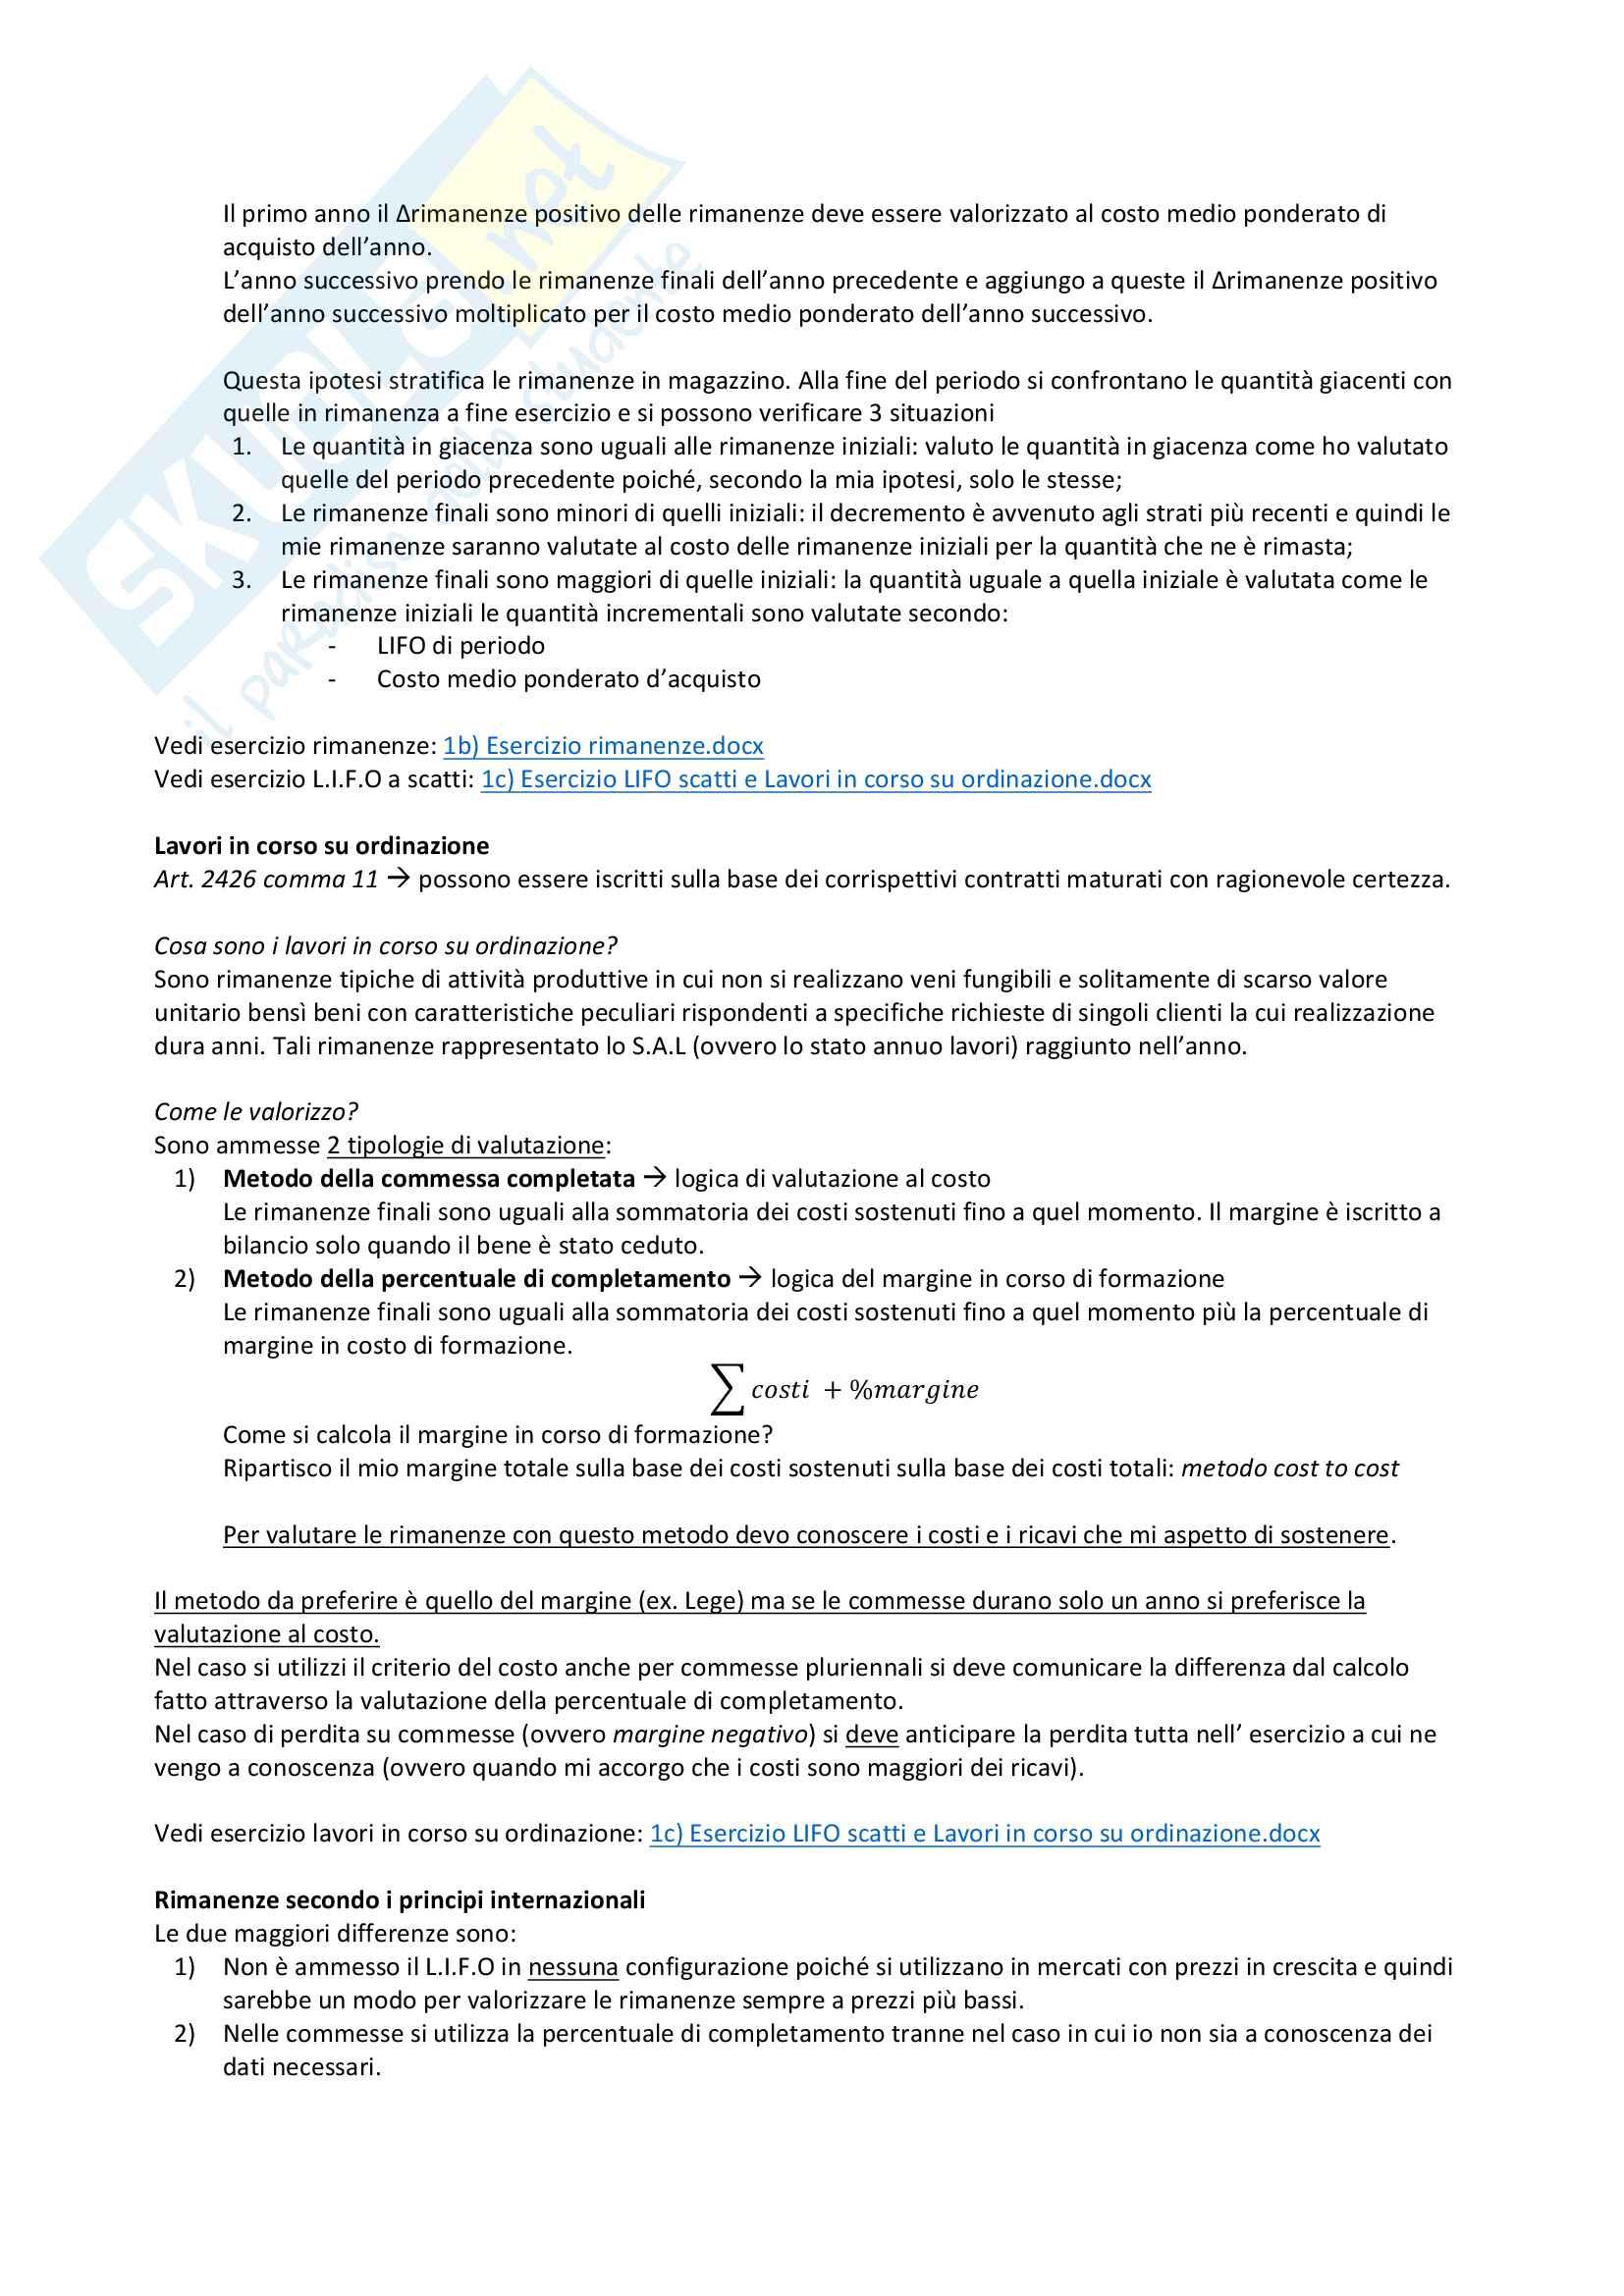 Valutazione delle rimanenze Pag. 6